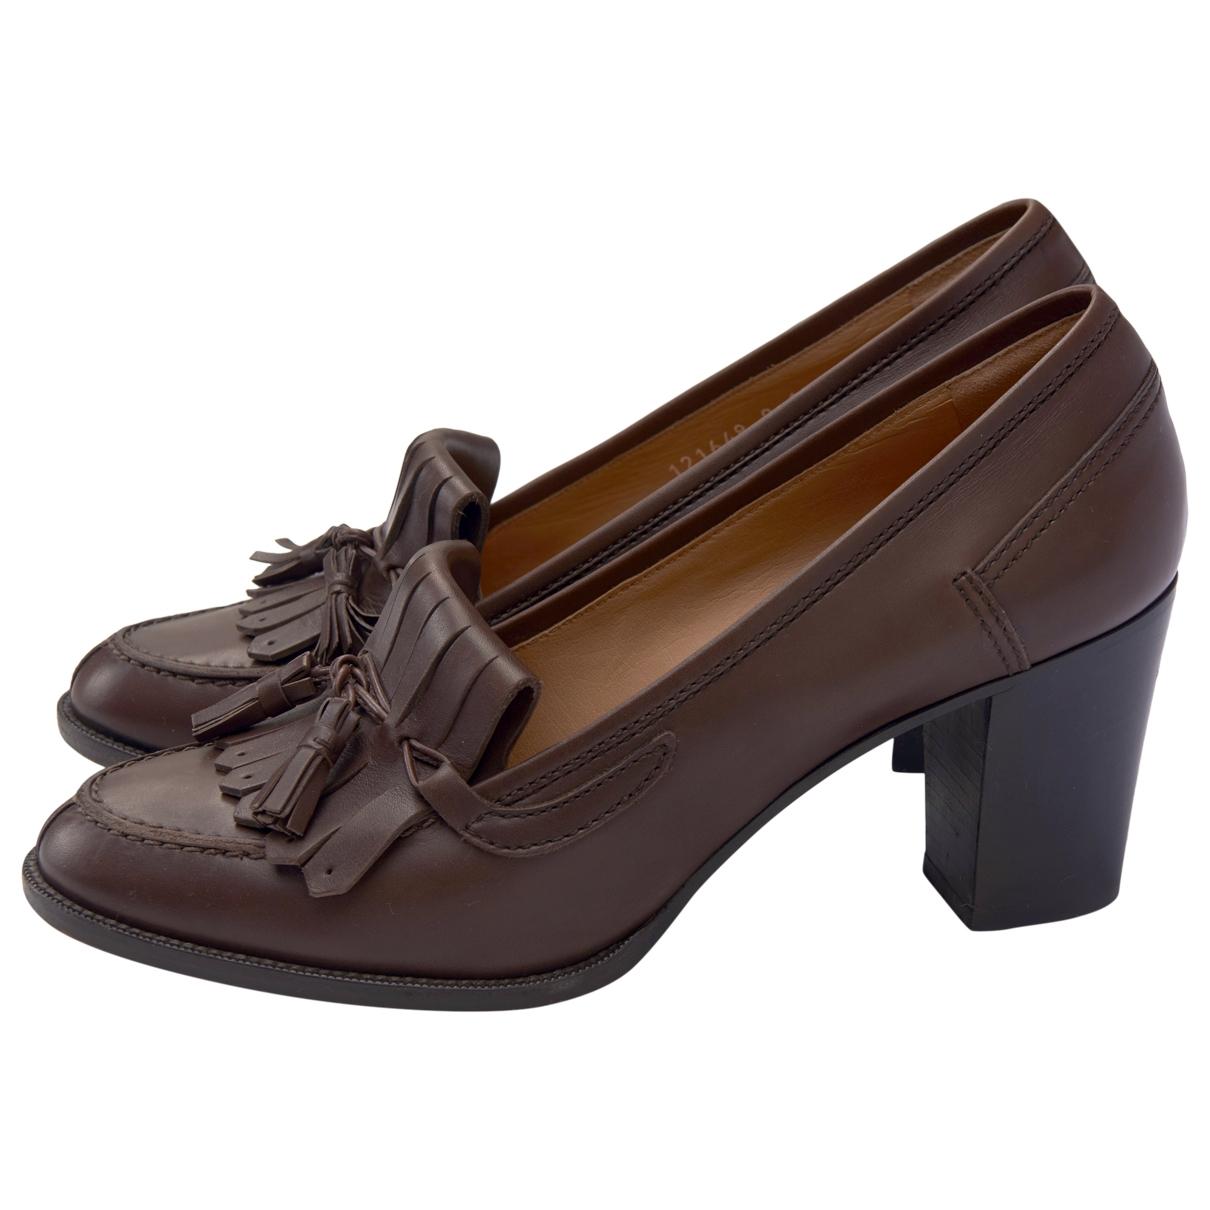 Ralph Lauren Collection - Escarpins   pour femme en cuir - marron